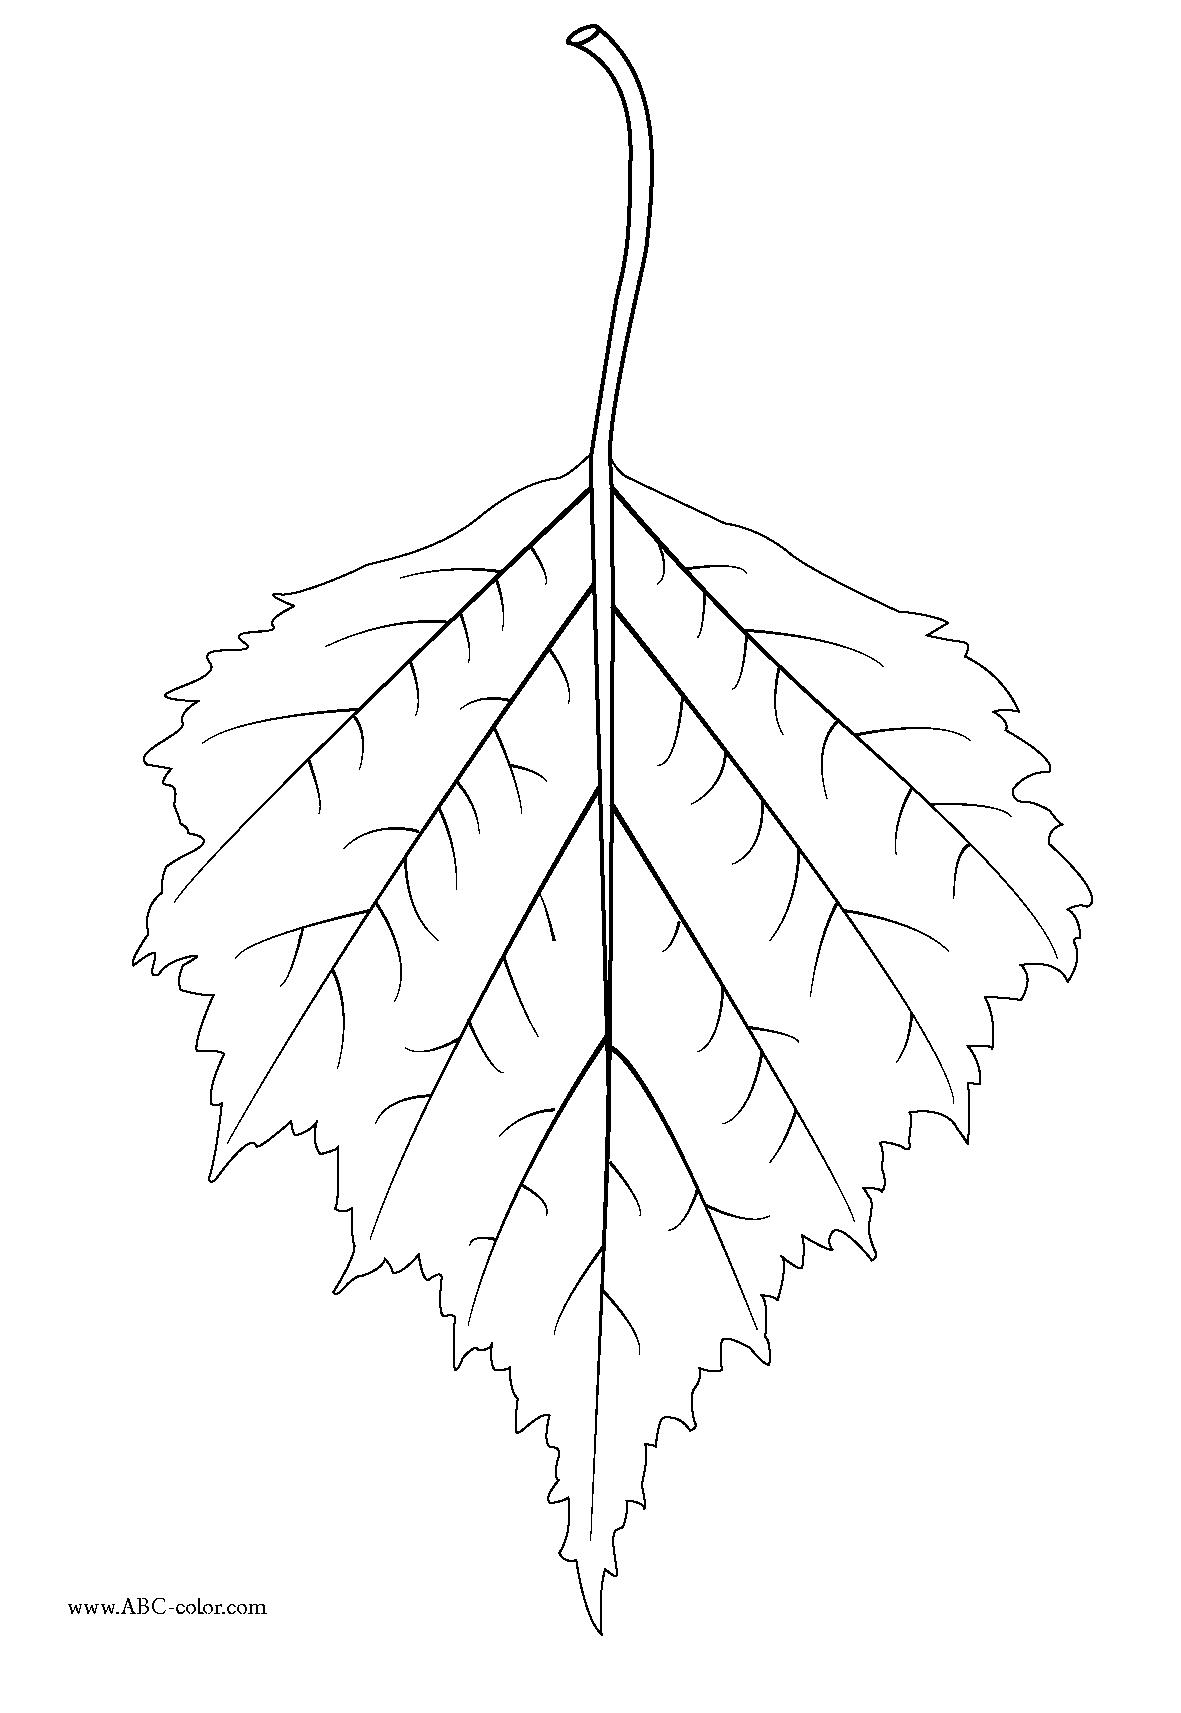 Birch leaf clipart - Clipground